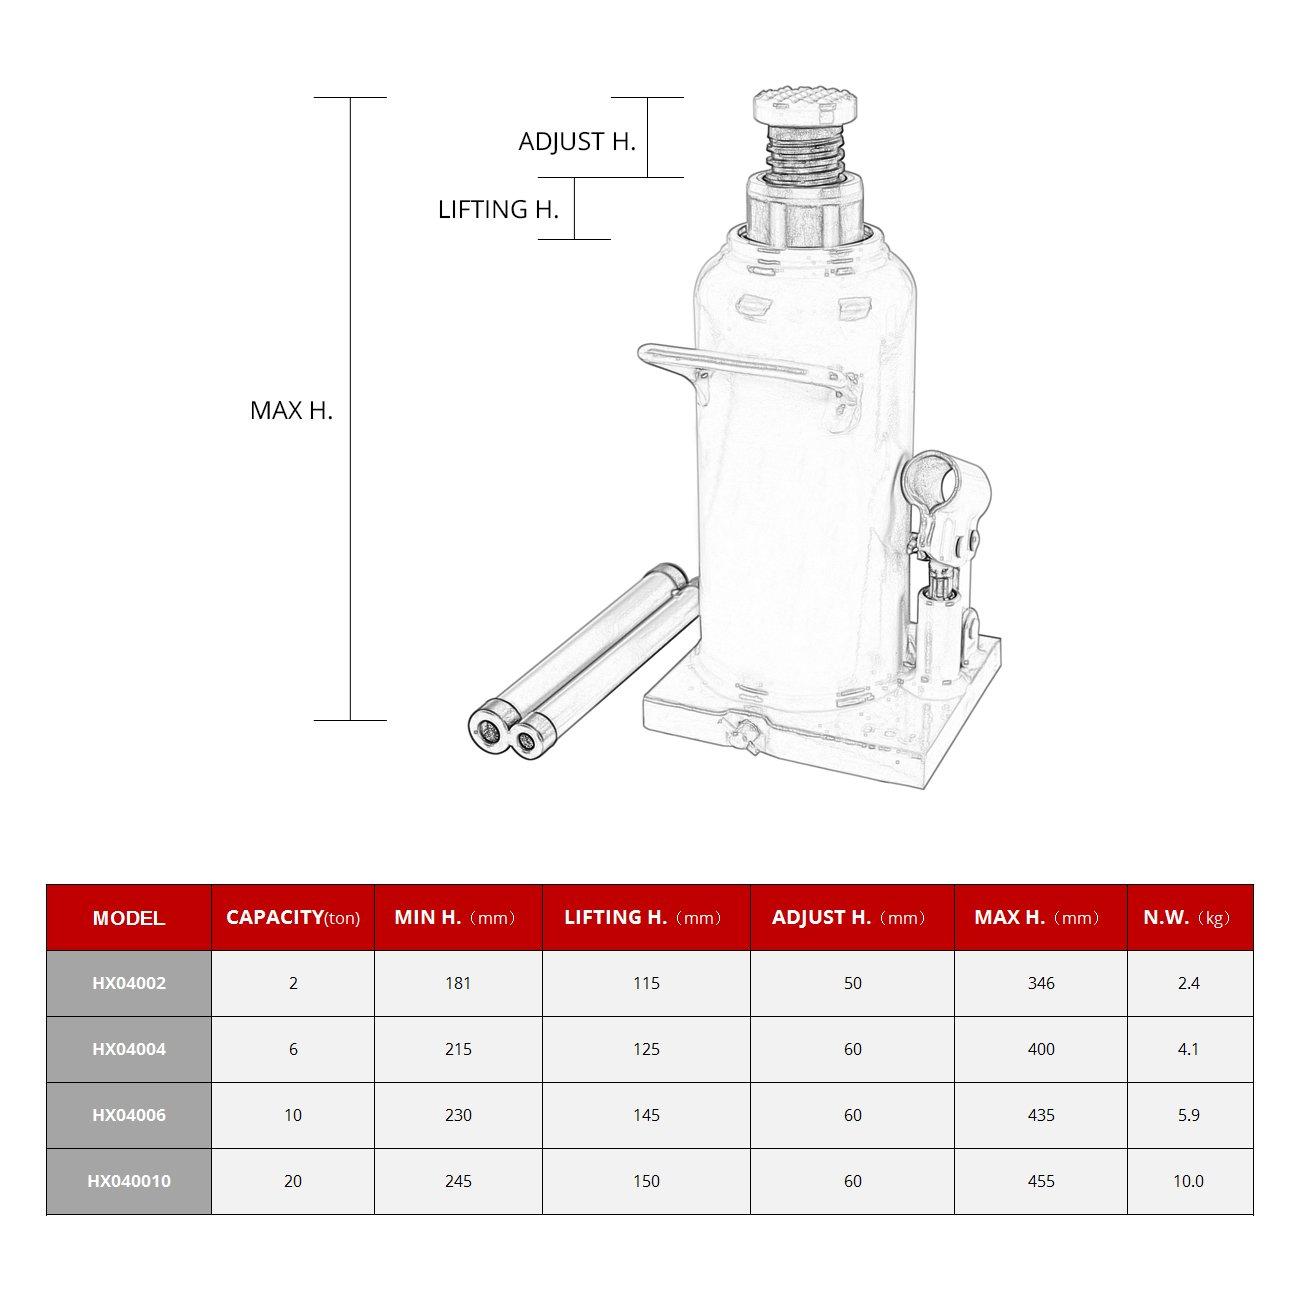 BAISHITE Hydraulic Bottle Jack 20 Ton Capacity Grey by BAISHITE (Image #6)